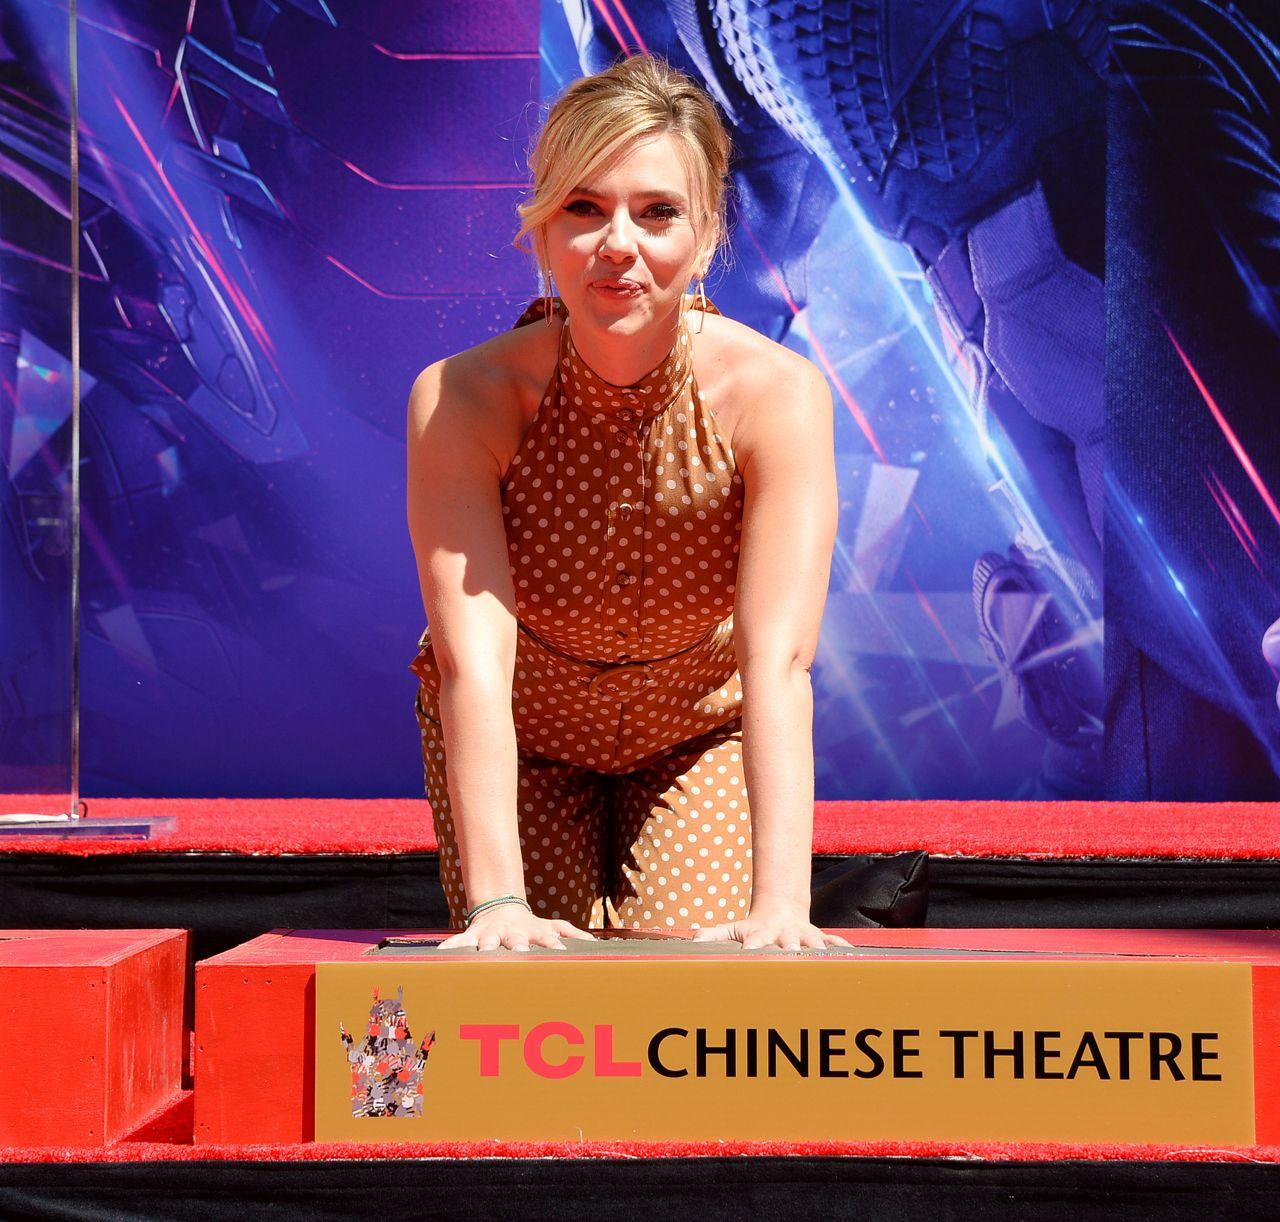 Scarlett Johansson Avengers Endgame Hand Print Ceremony In La